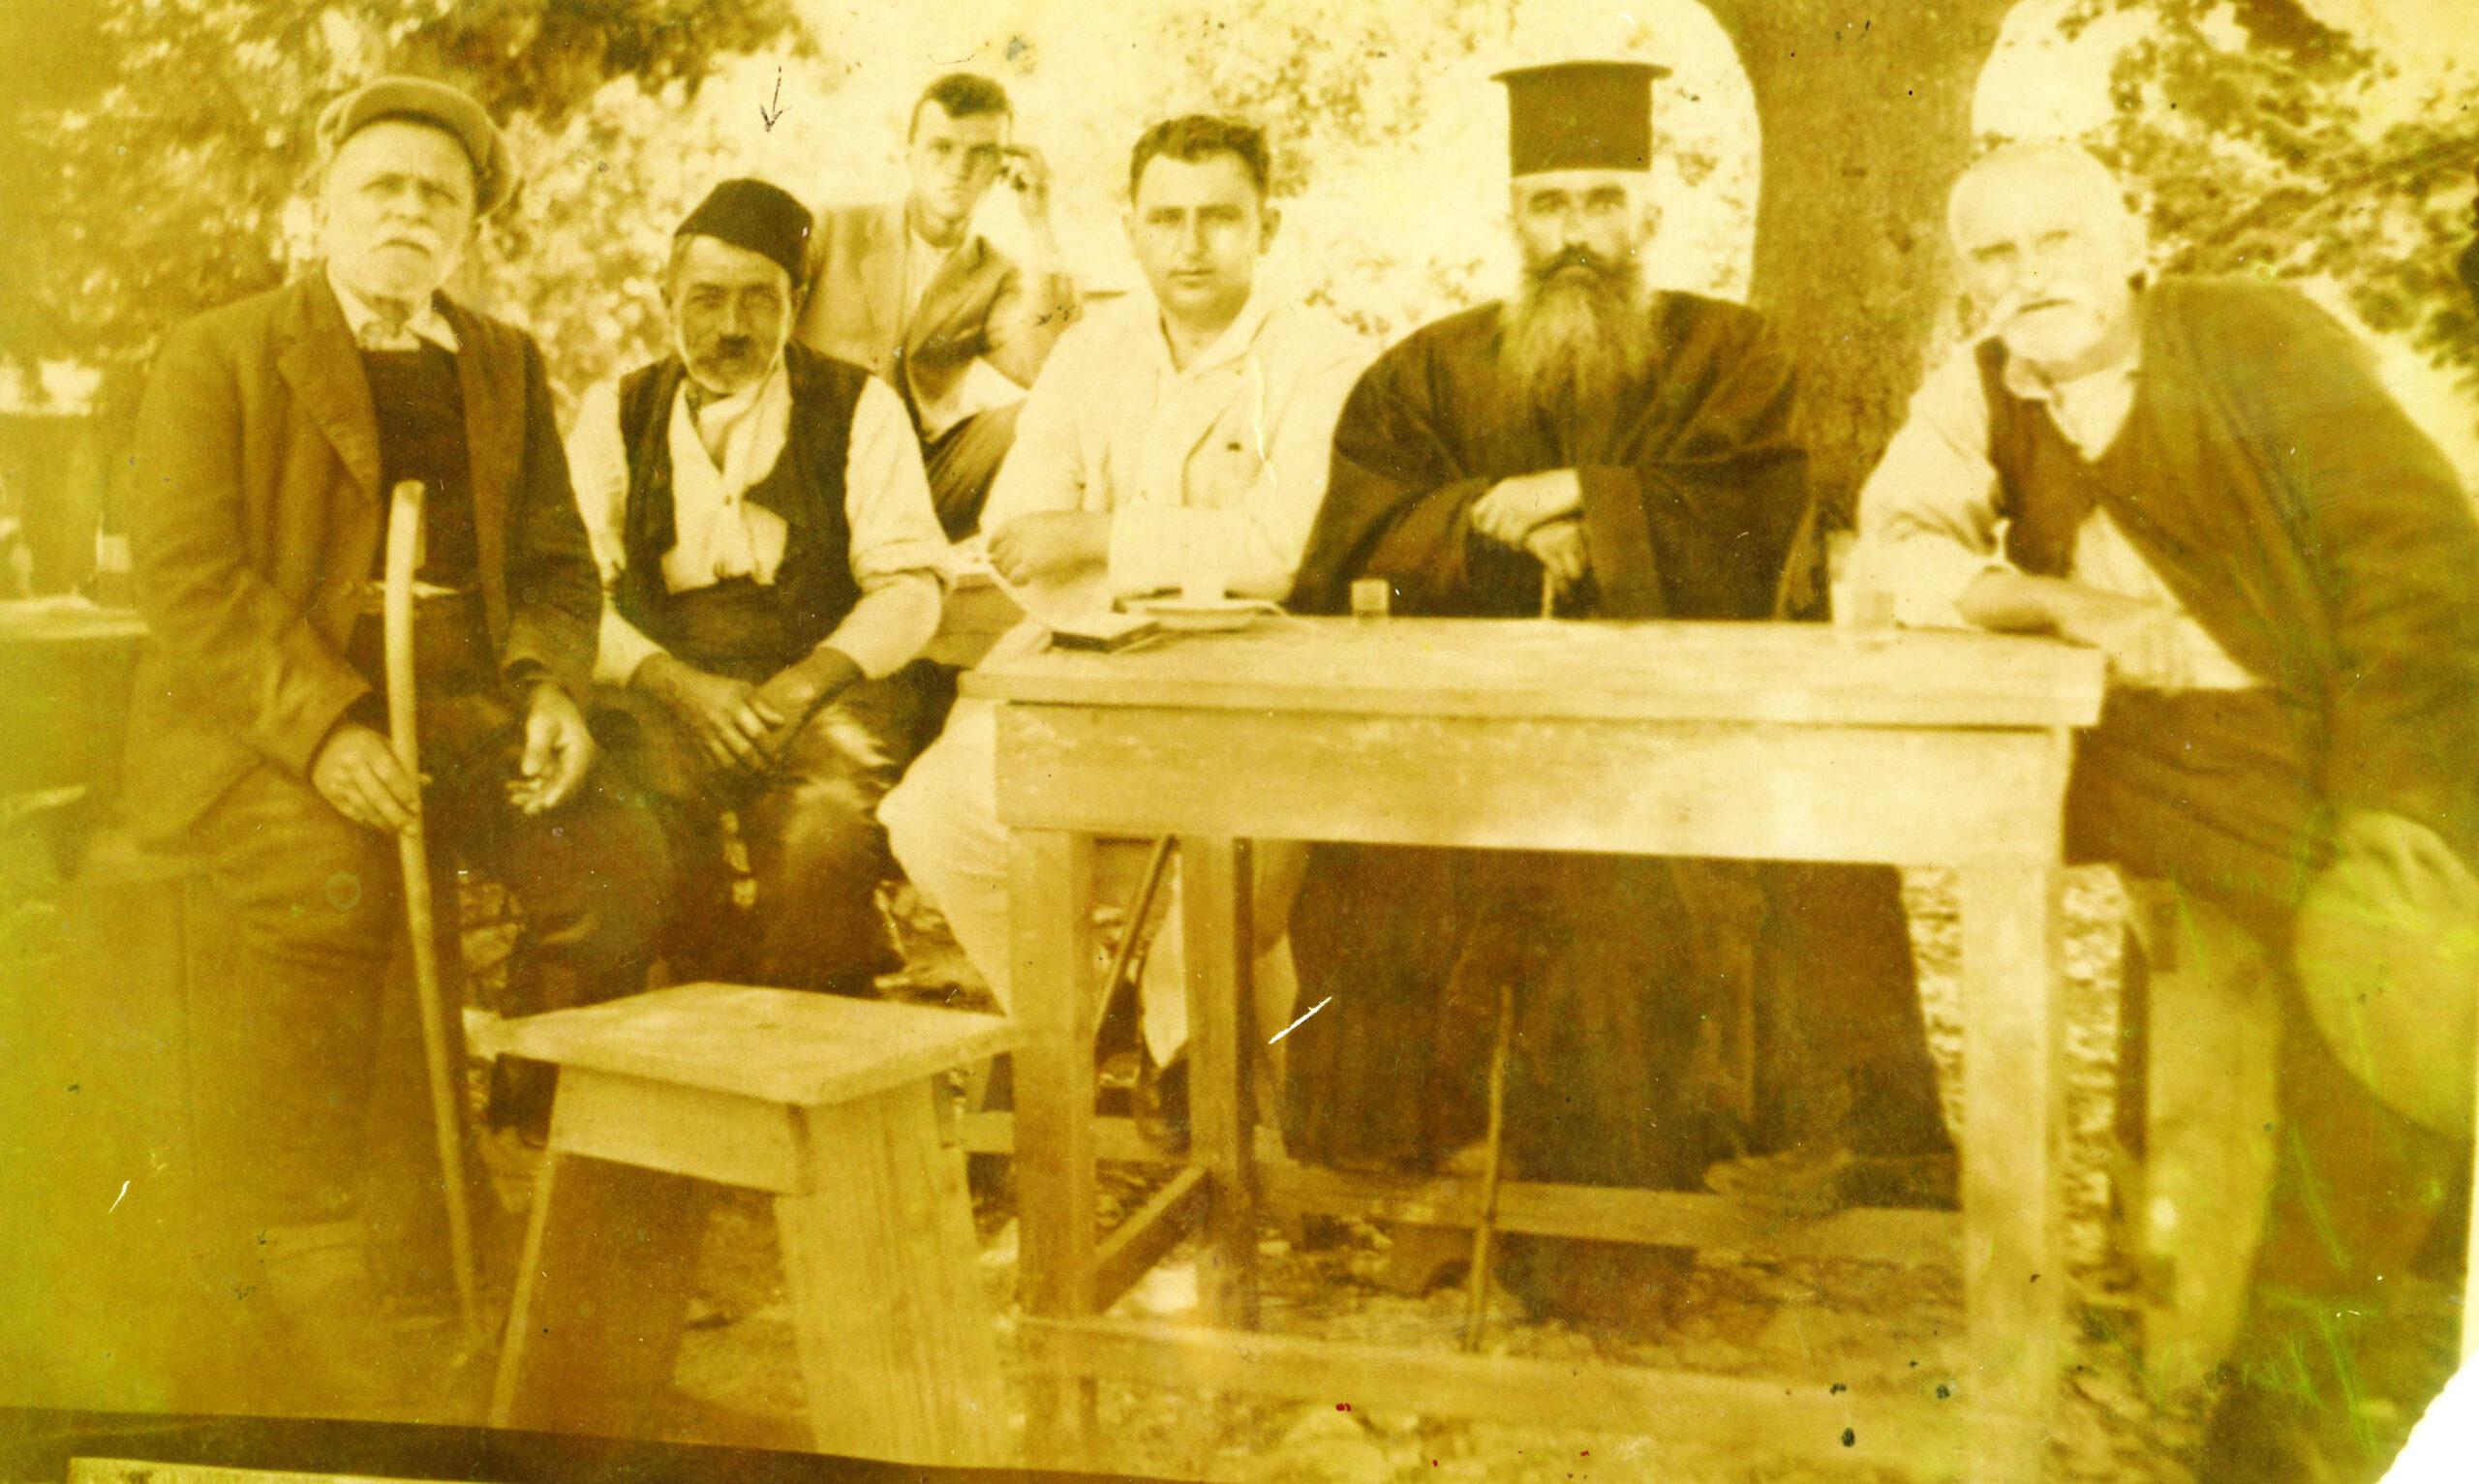 Το Χάνι της Δερβιτσάνης, ένας σταθμός αιώνιας ιστορίας